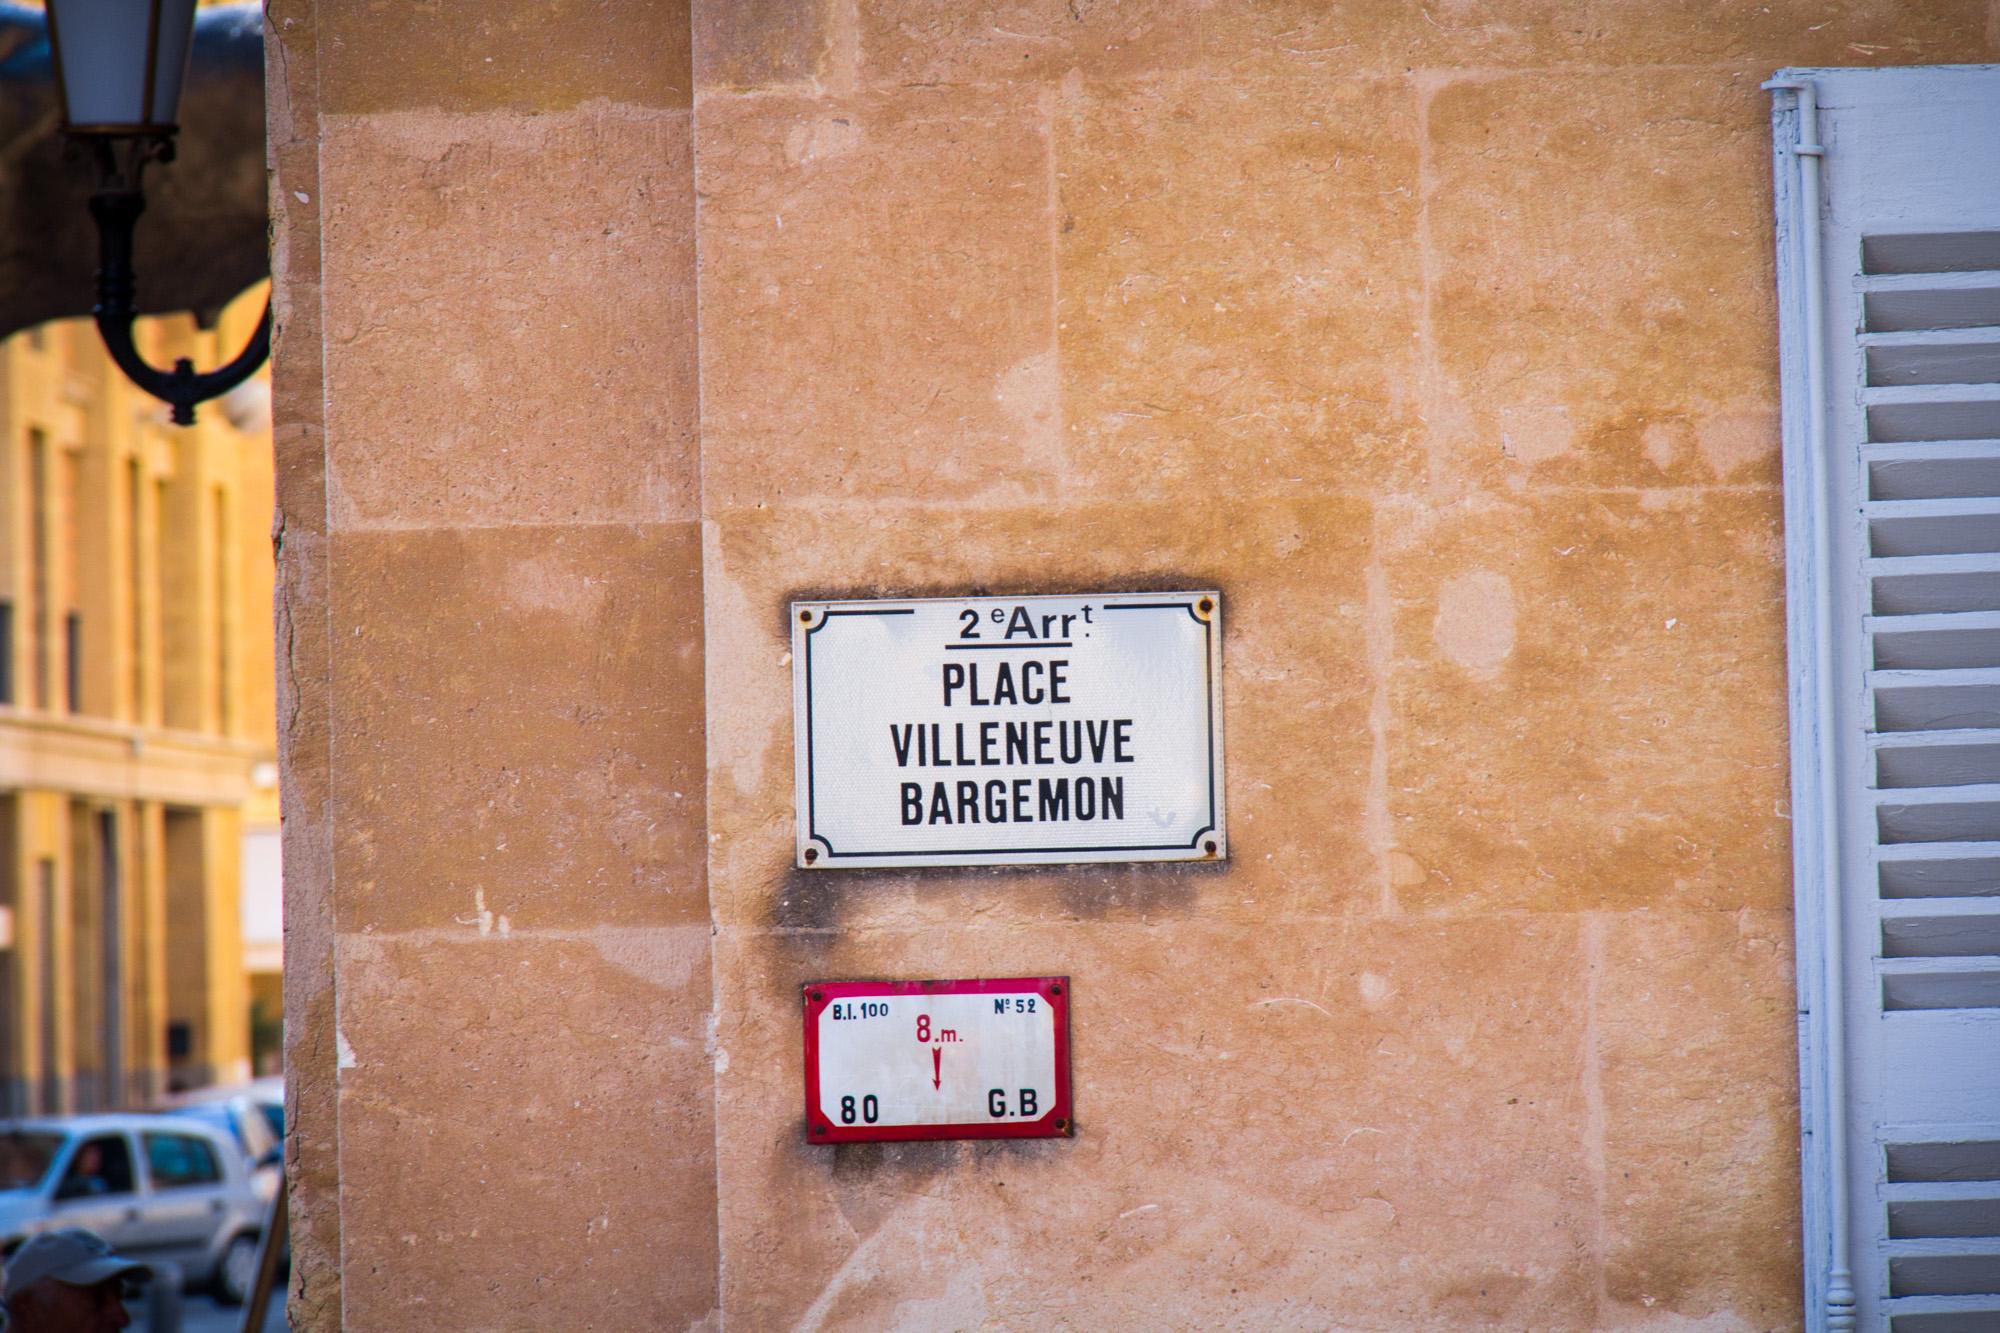 Place Villeneuve-Bargemon